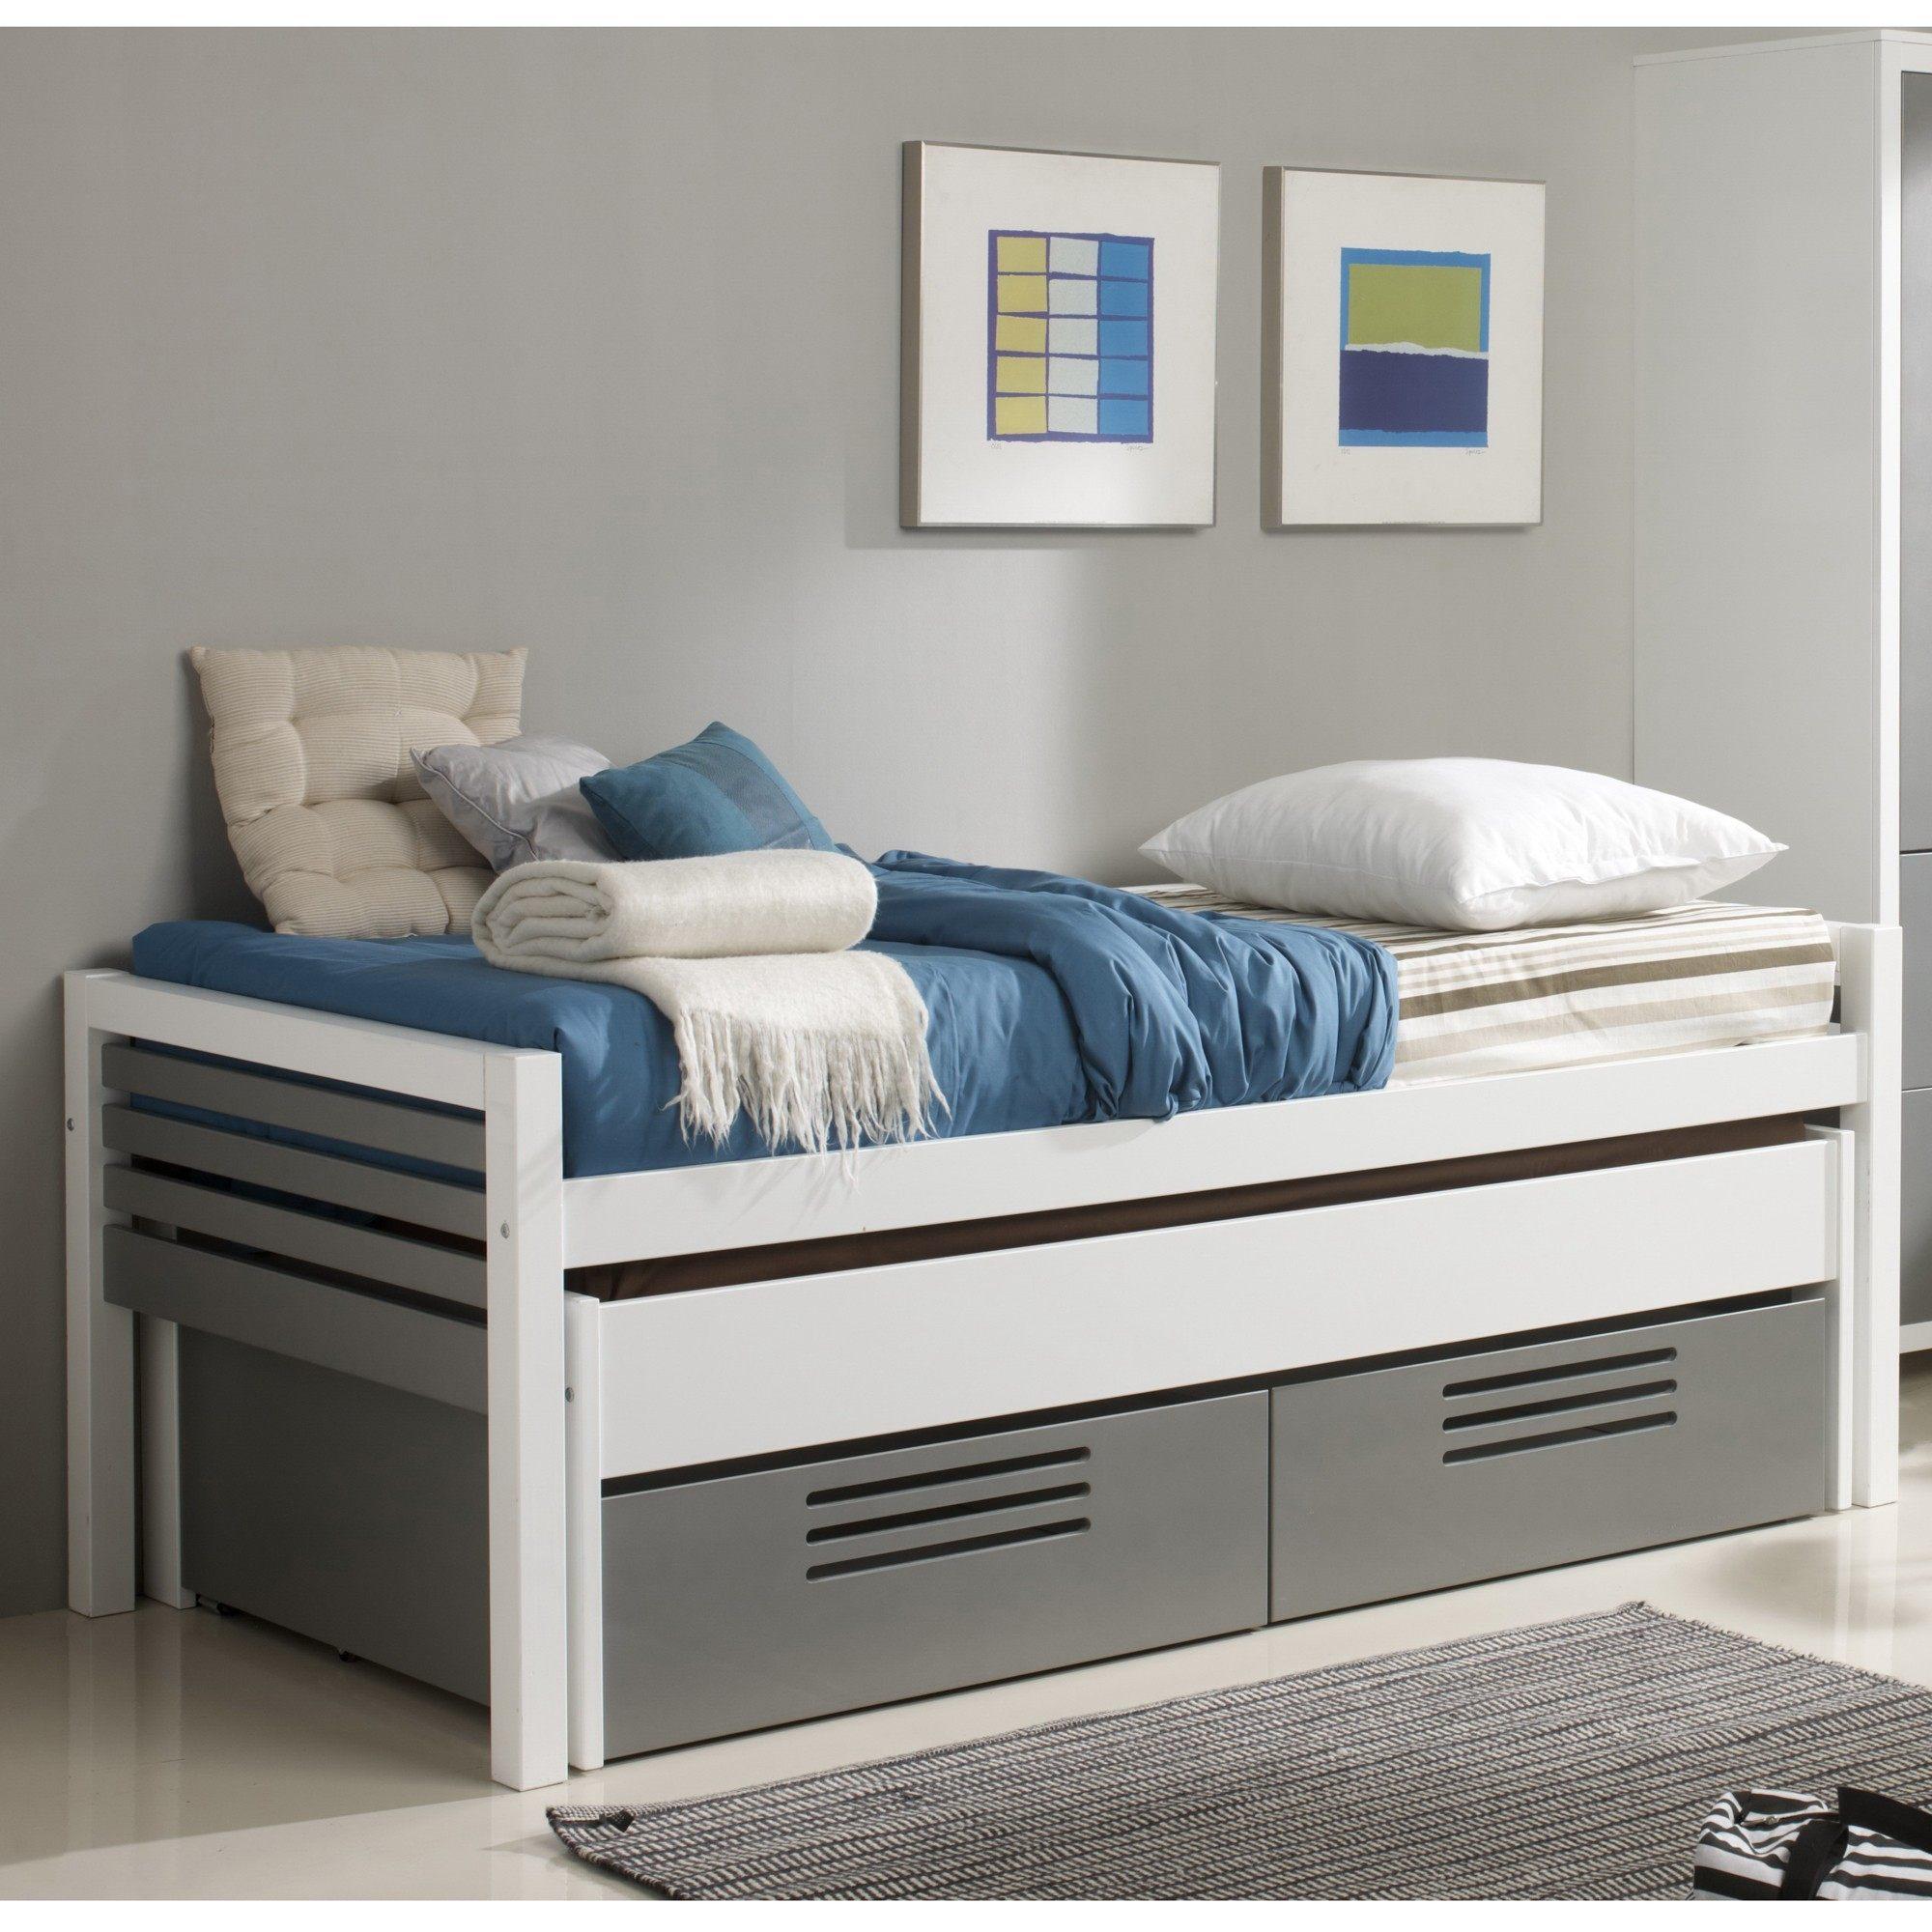 Lit Avec sommier 160×200 Le Luxe Banc De Lit but Beautiful but Lit 27 sommier Electrique Ikea Coffre